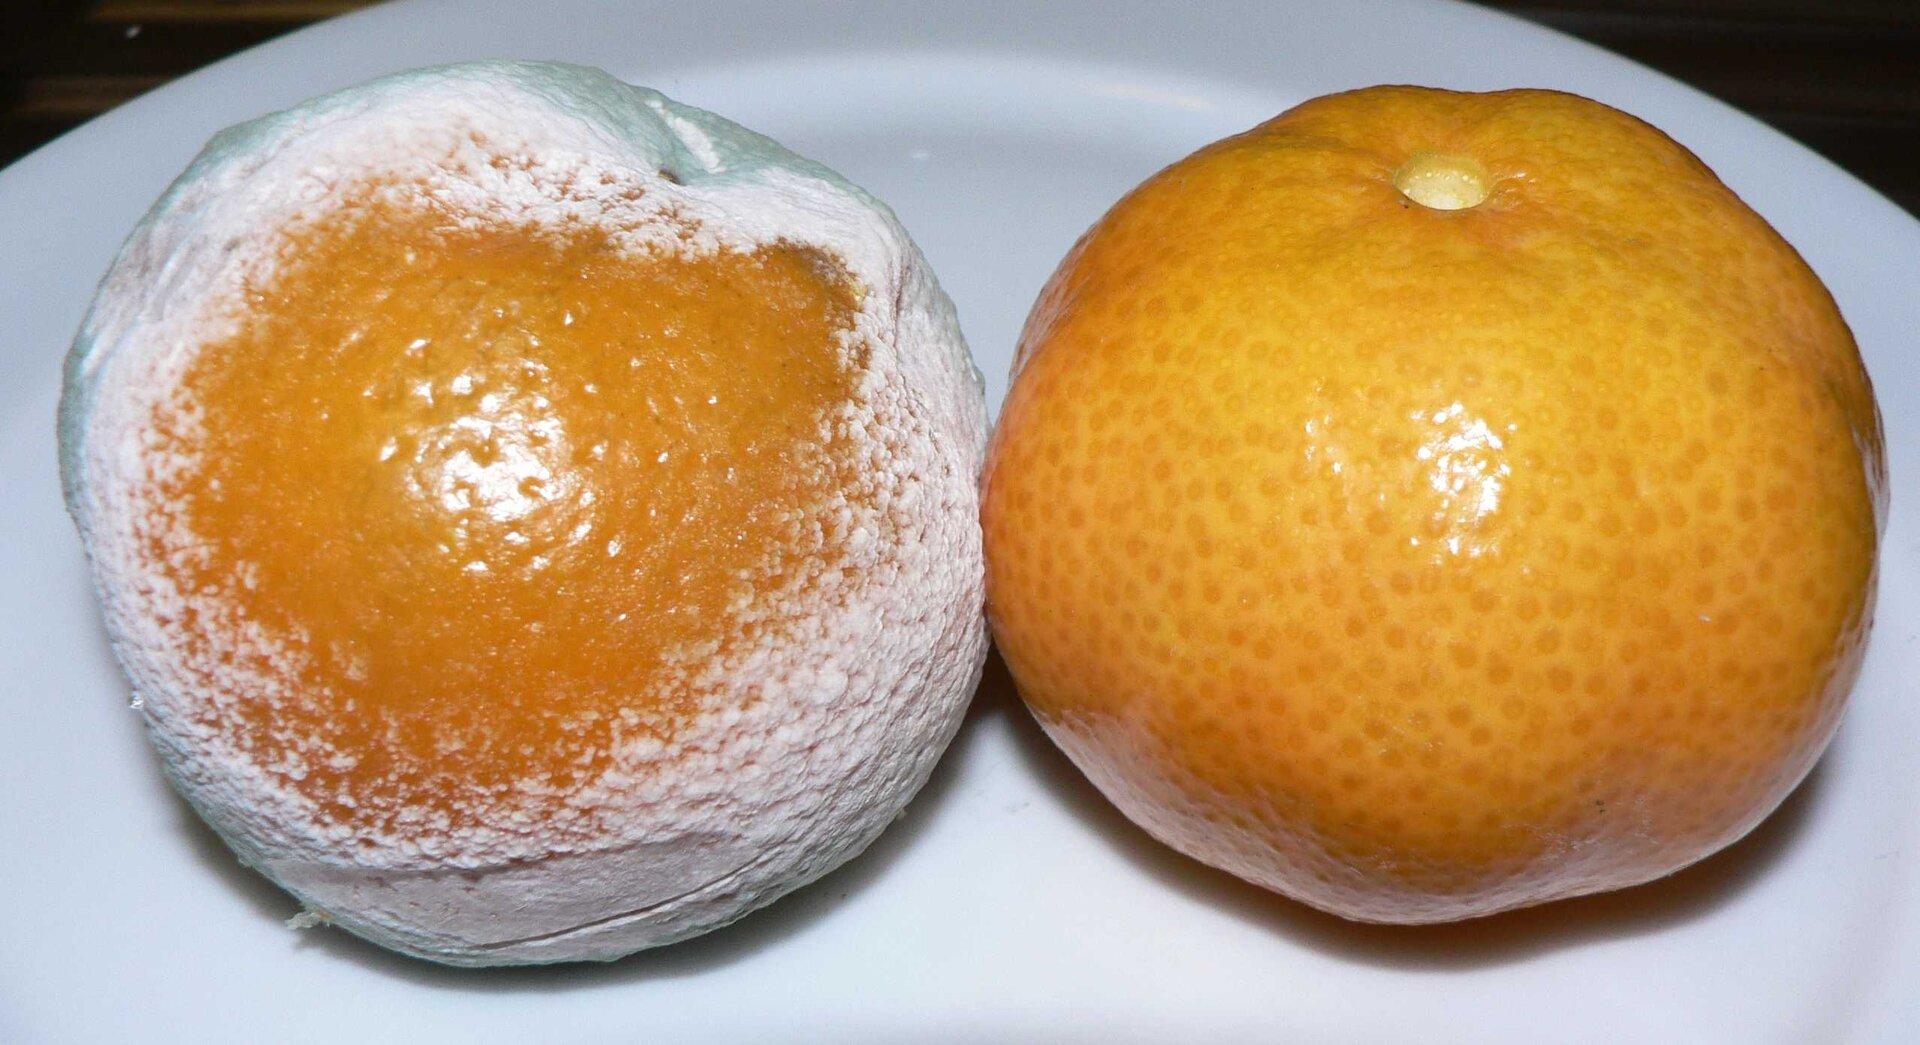 Pleśń (pędzlak) na mandarynkach